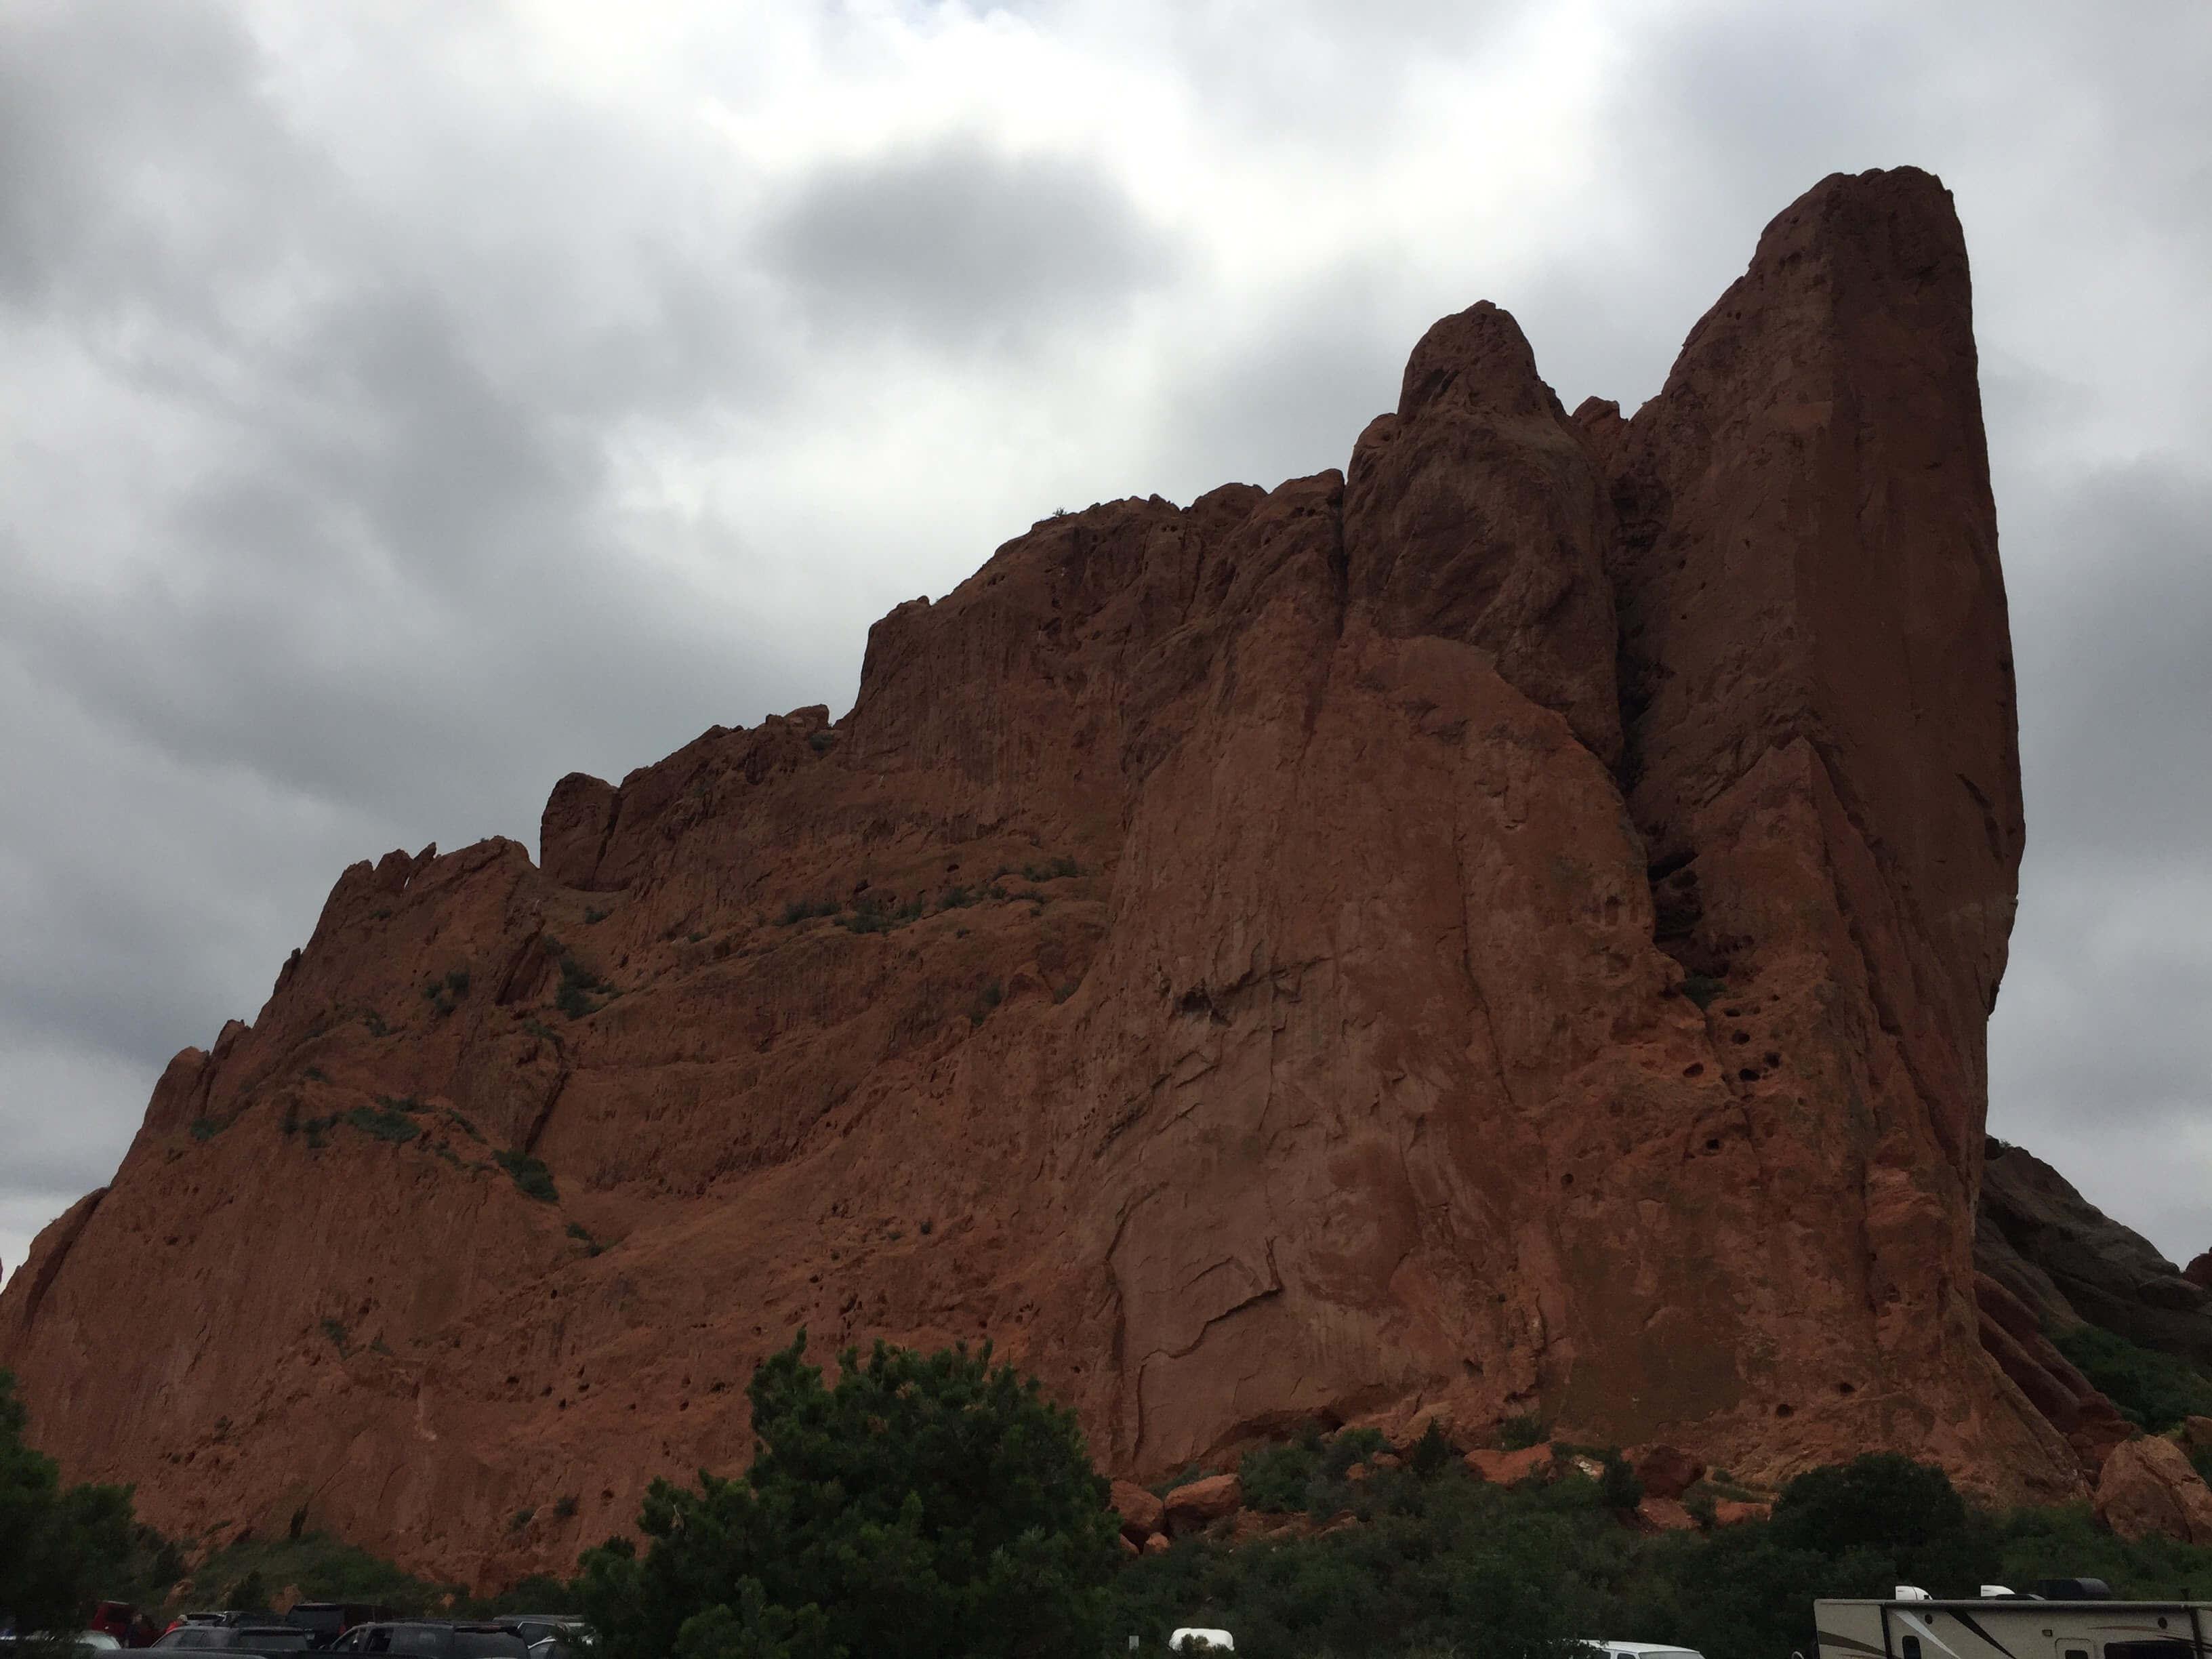 Garden of the Gods, Colorado, 2017